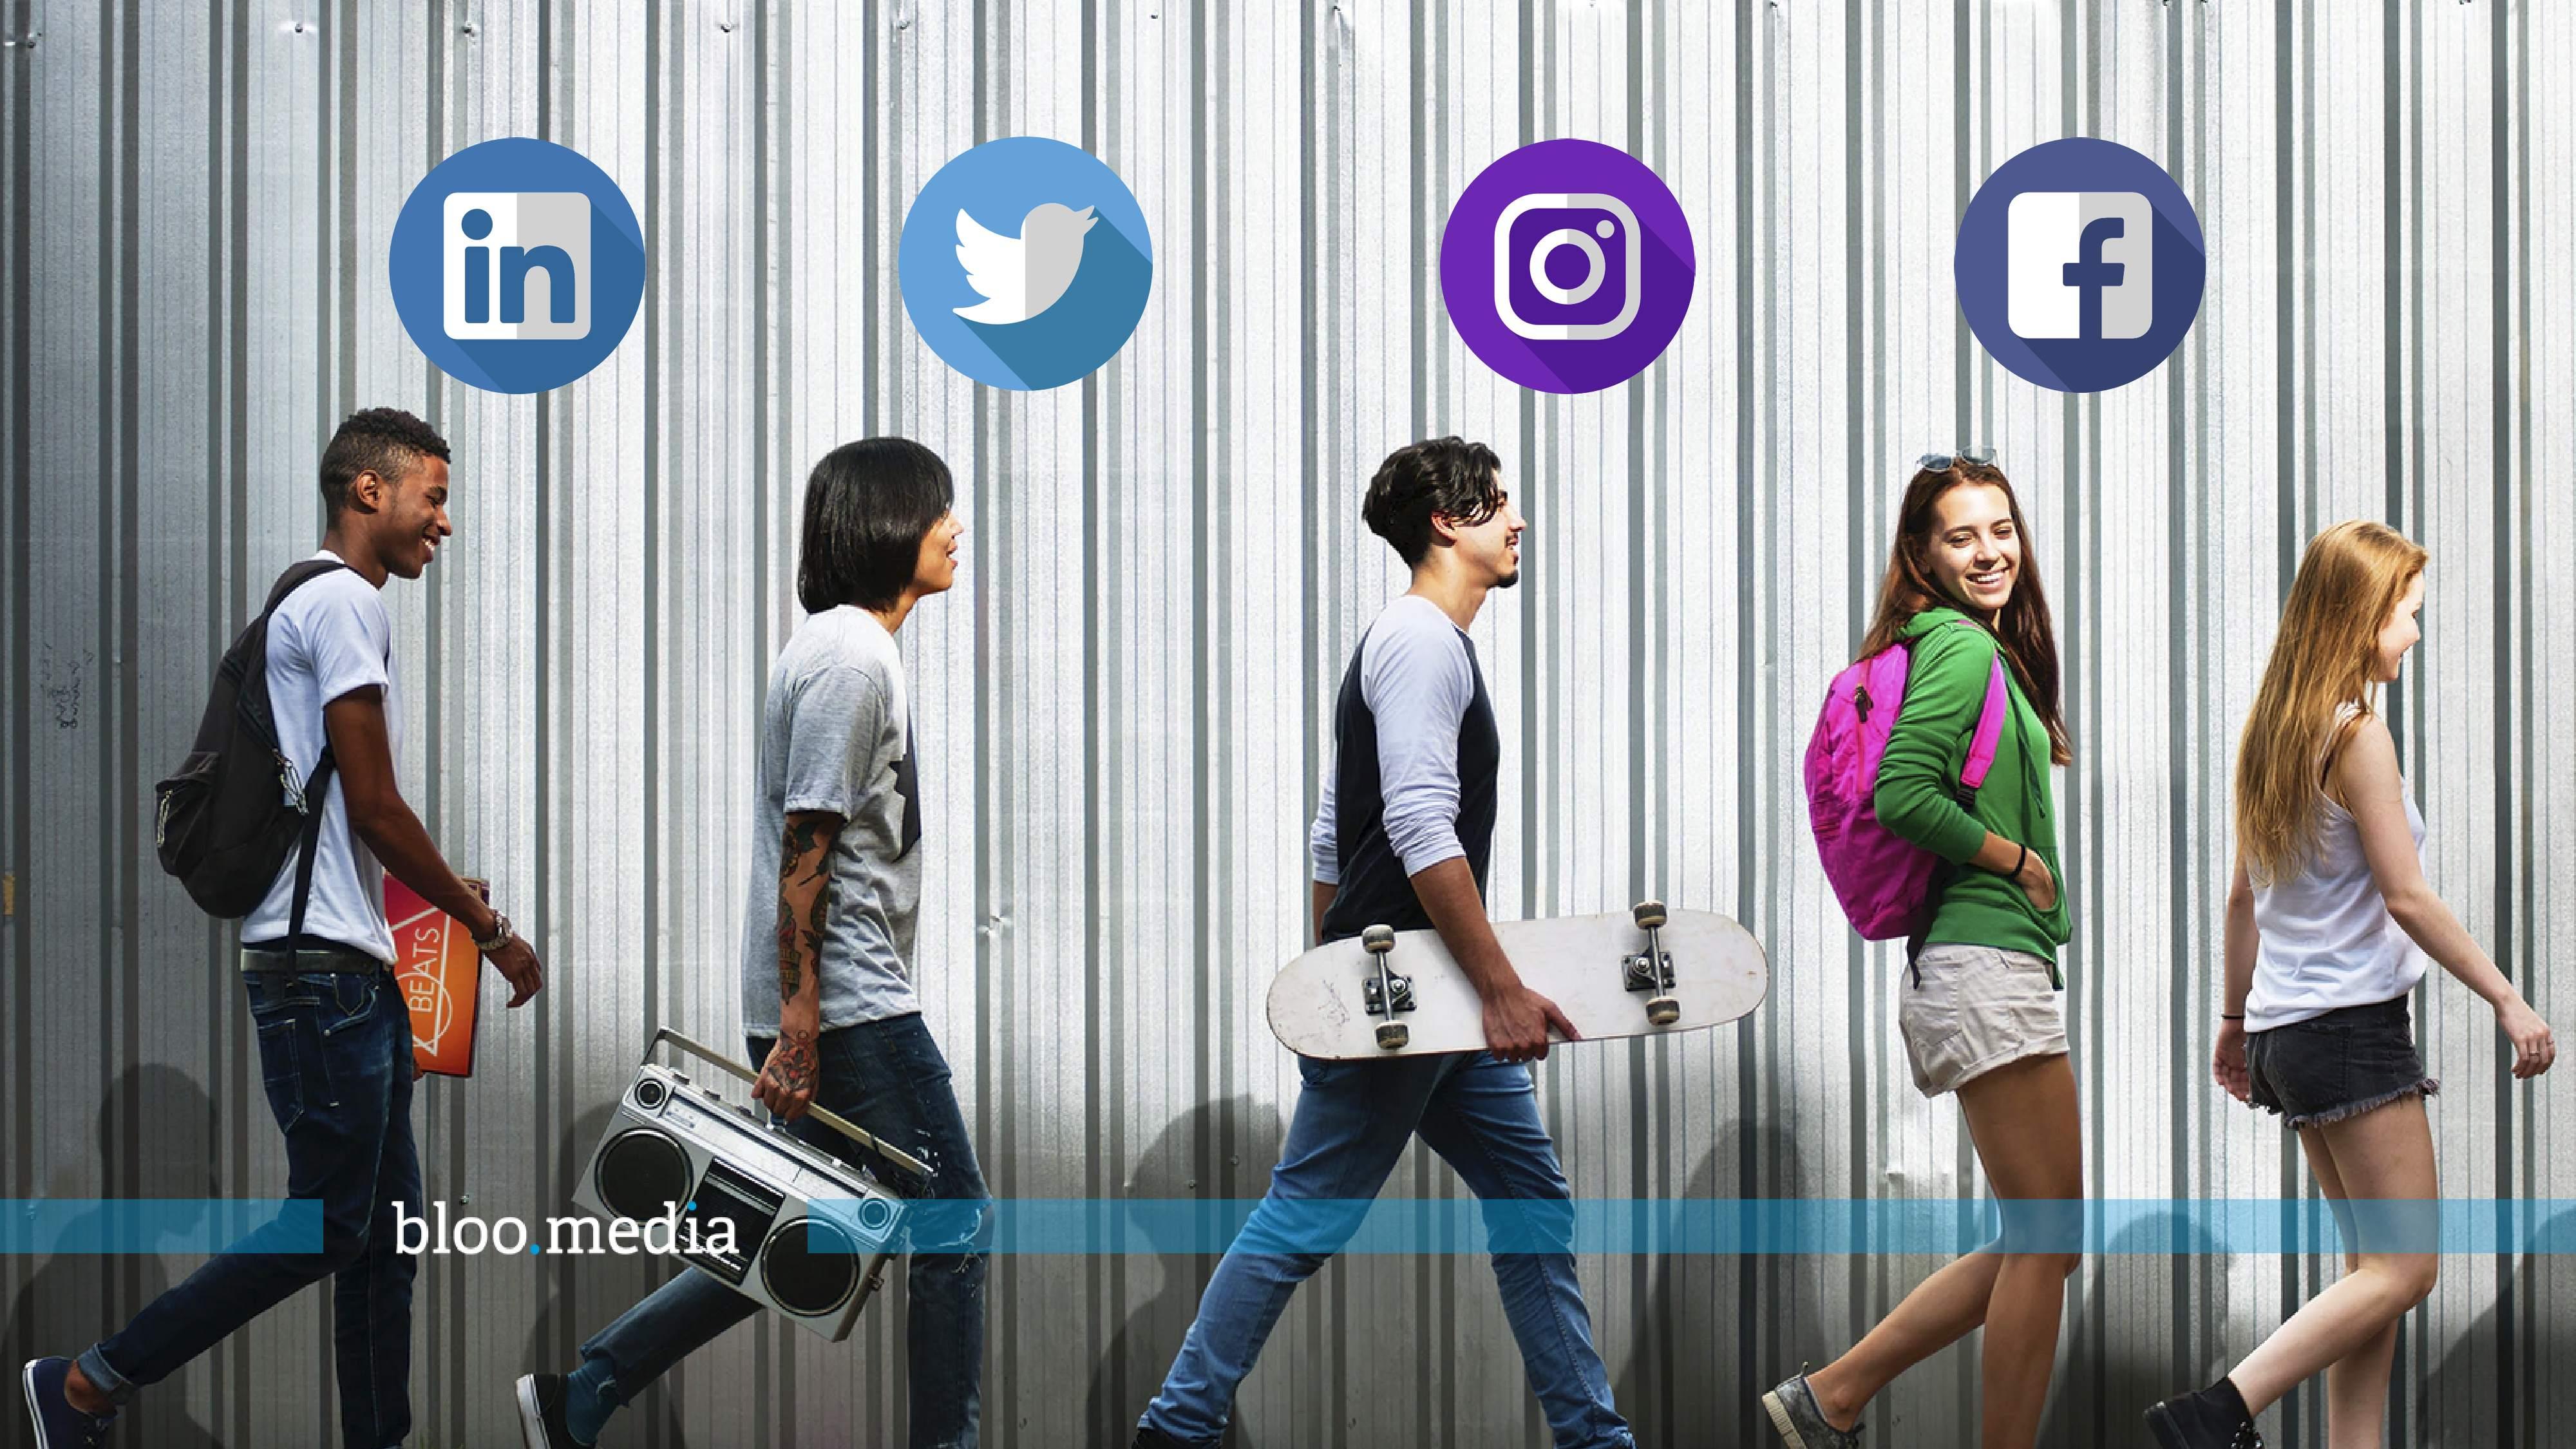 Las 10 tendencias en redes sociales para 2020